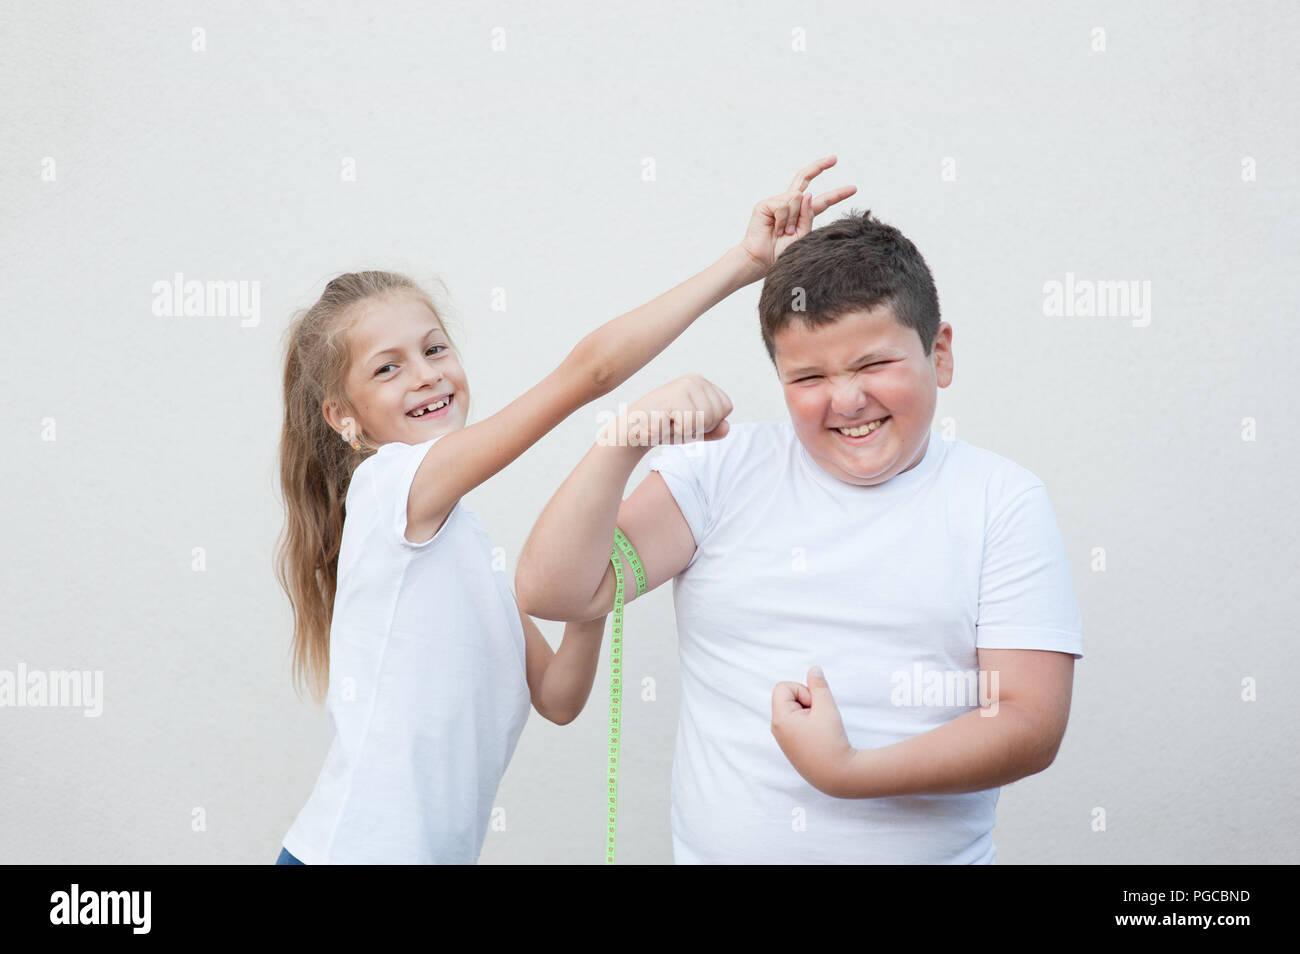 Gracioso delgado caucásica pequeña niña sonriente medición Fat Boy por cinta muscular jugando Imagen De Stock